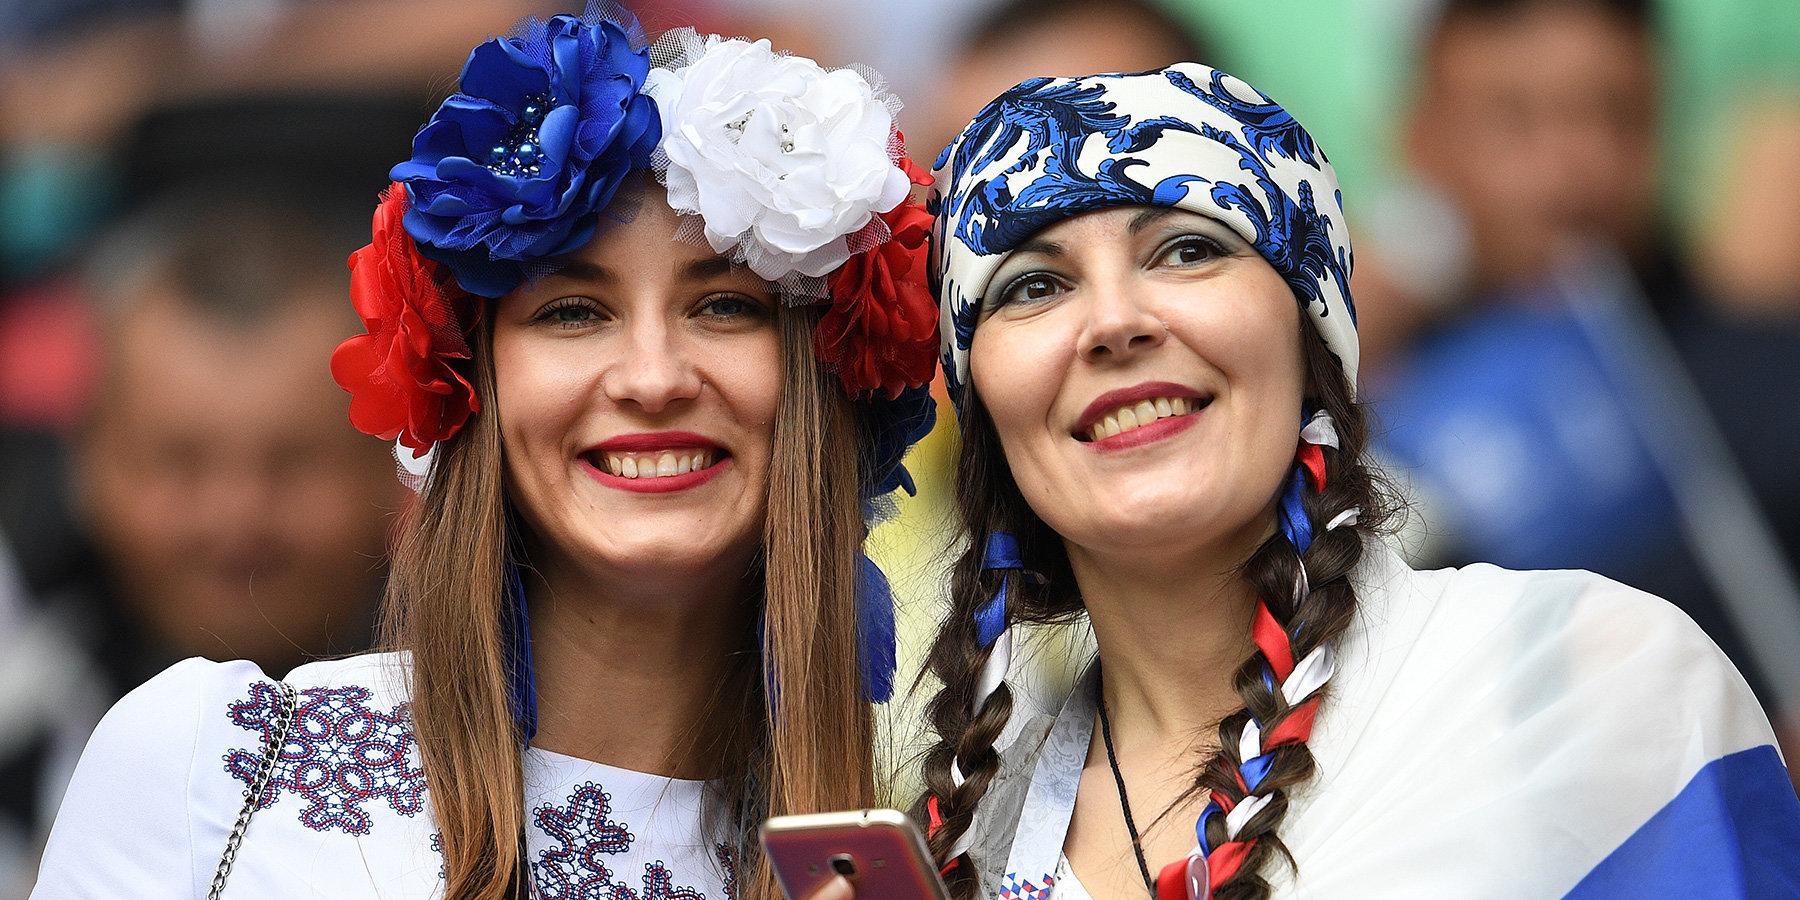 Аргентинцам перед ЧМ-2018 поведали, как соблазнить русских девушек